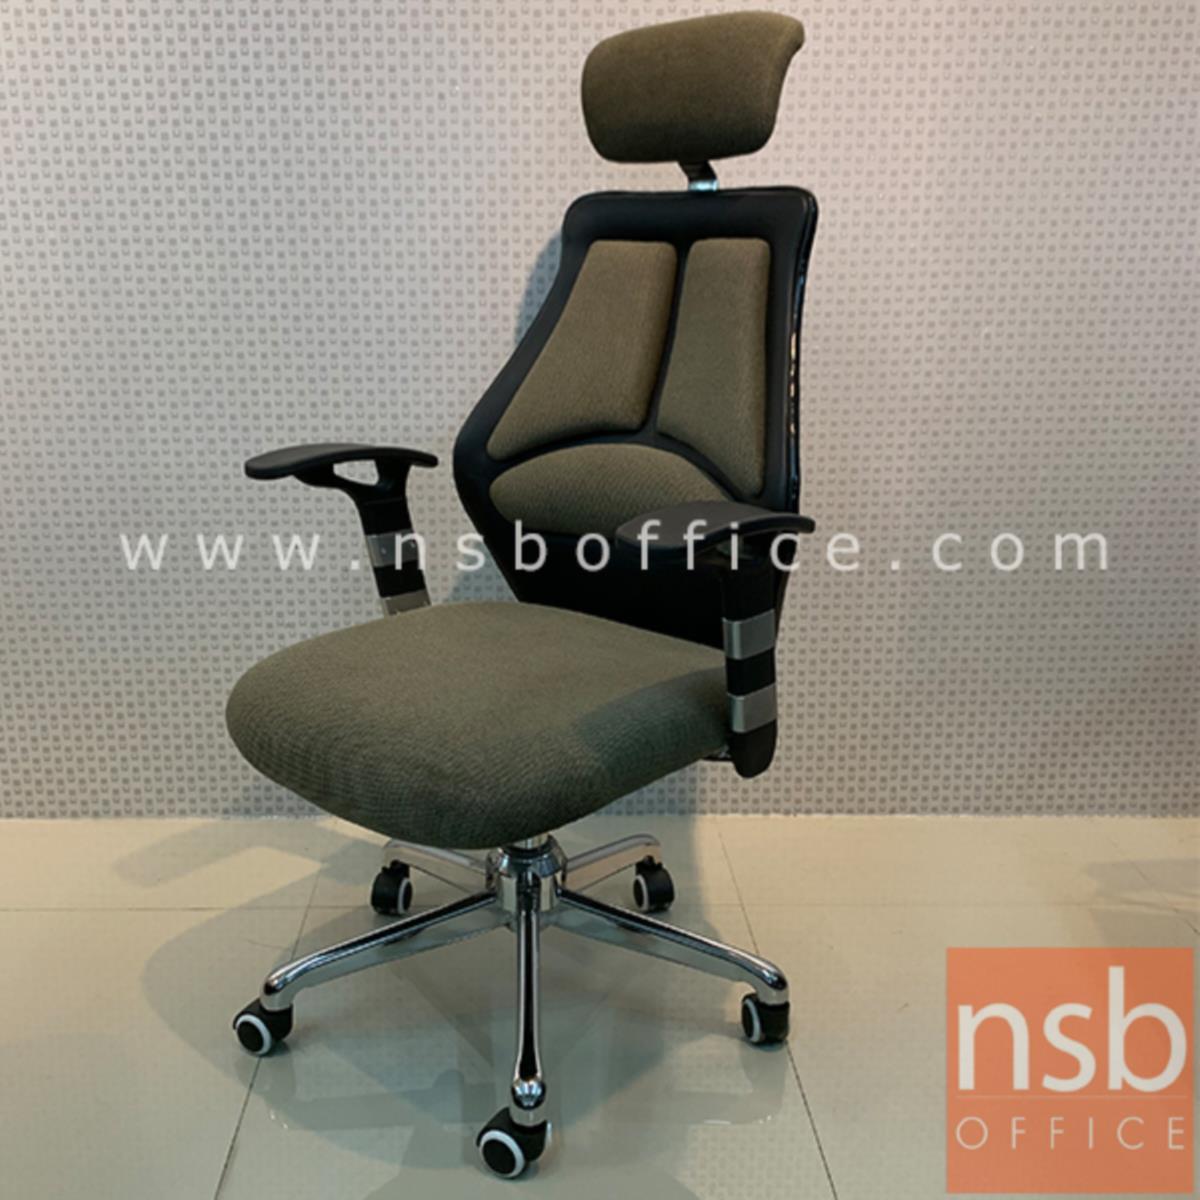 เก้าอี้ผู้บริหารหลังเน็ต รุ่น Efraim (เอฟเฟรม)  โช๊คแก๊ส มีก้อนโยก ขาเหล็กชุบโครเมี่ยม